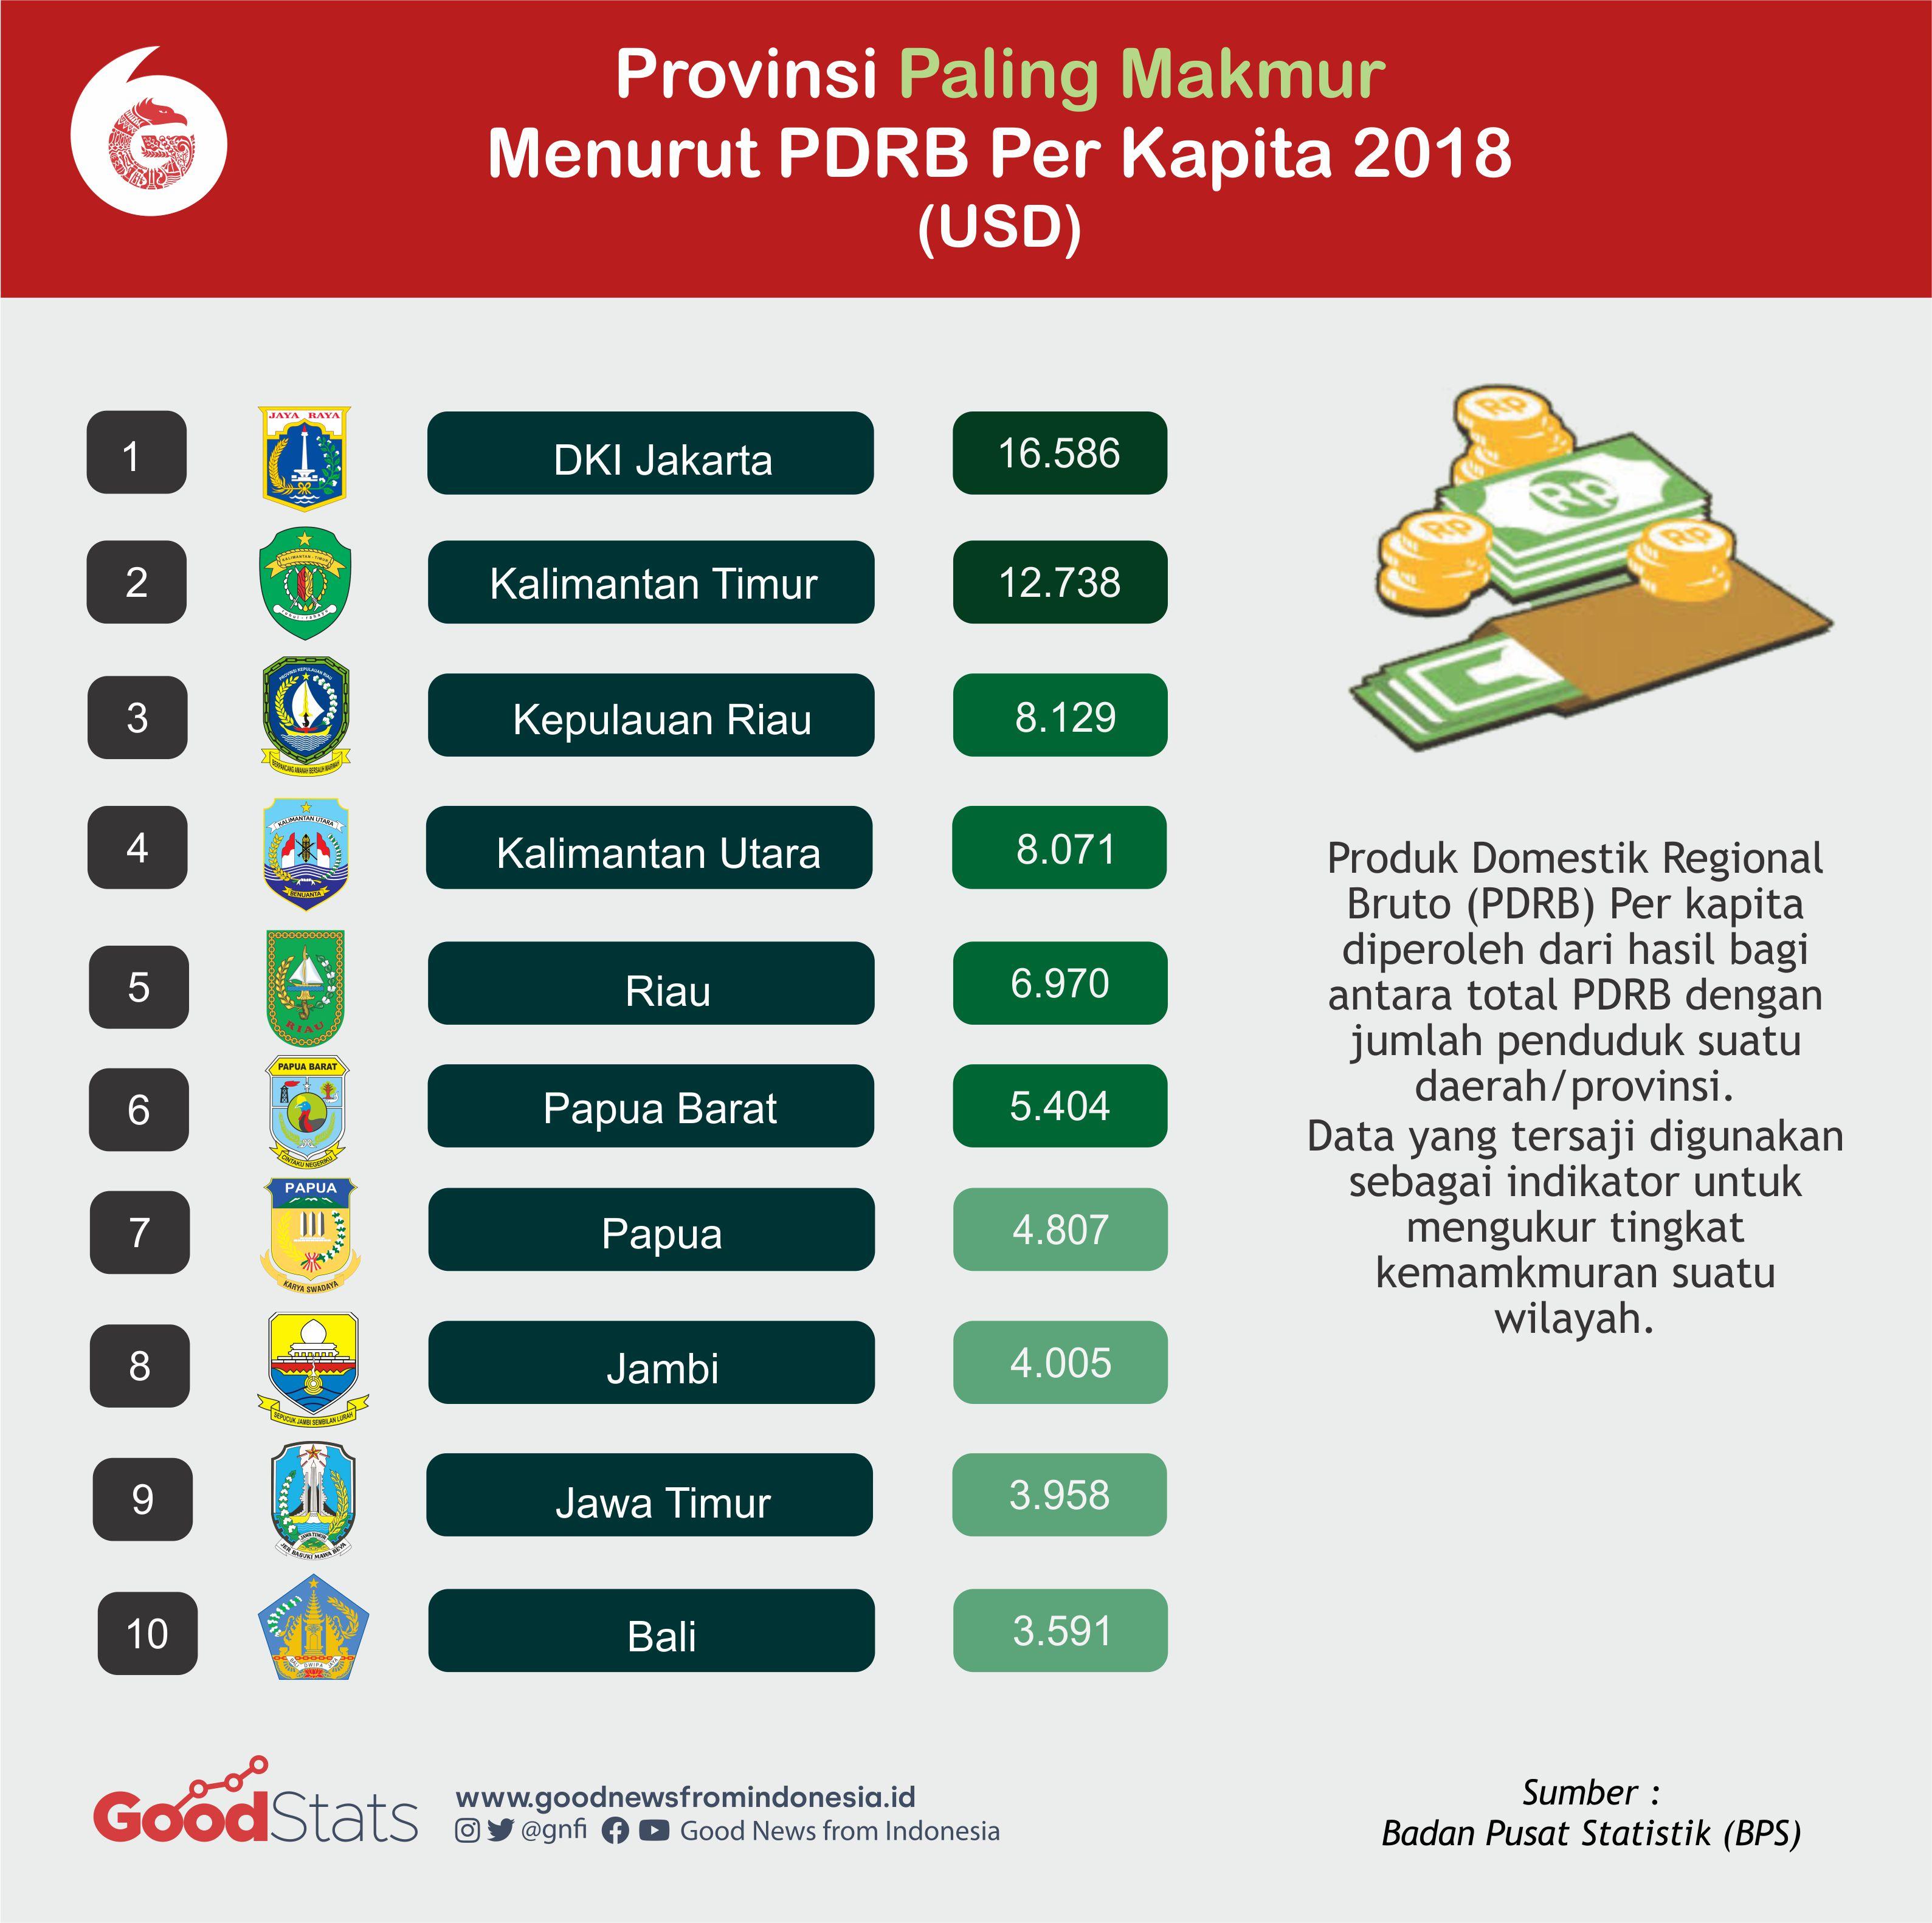 Daftar Provinsi paling makmur di Indonesia menurut total PDRB Per Kapita